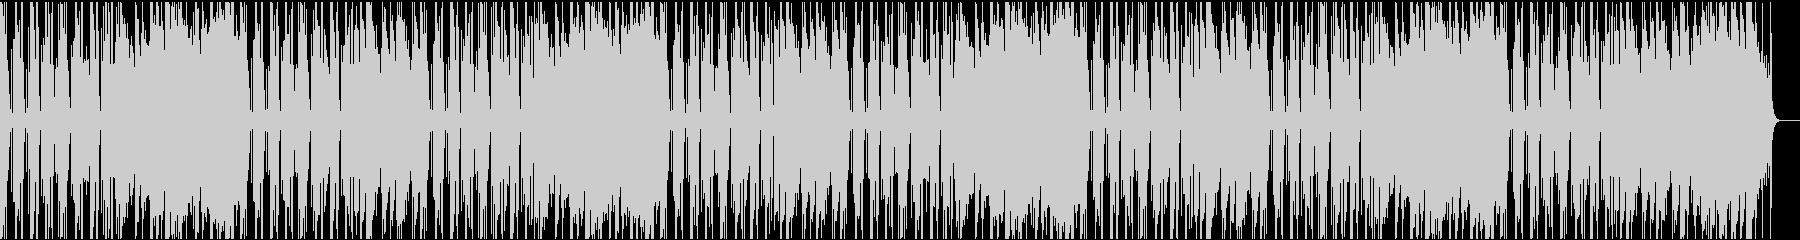 ゆったりコミカル/カラオケの未再生の波形